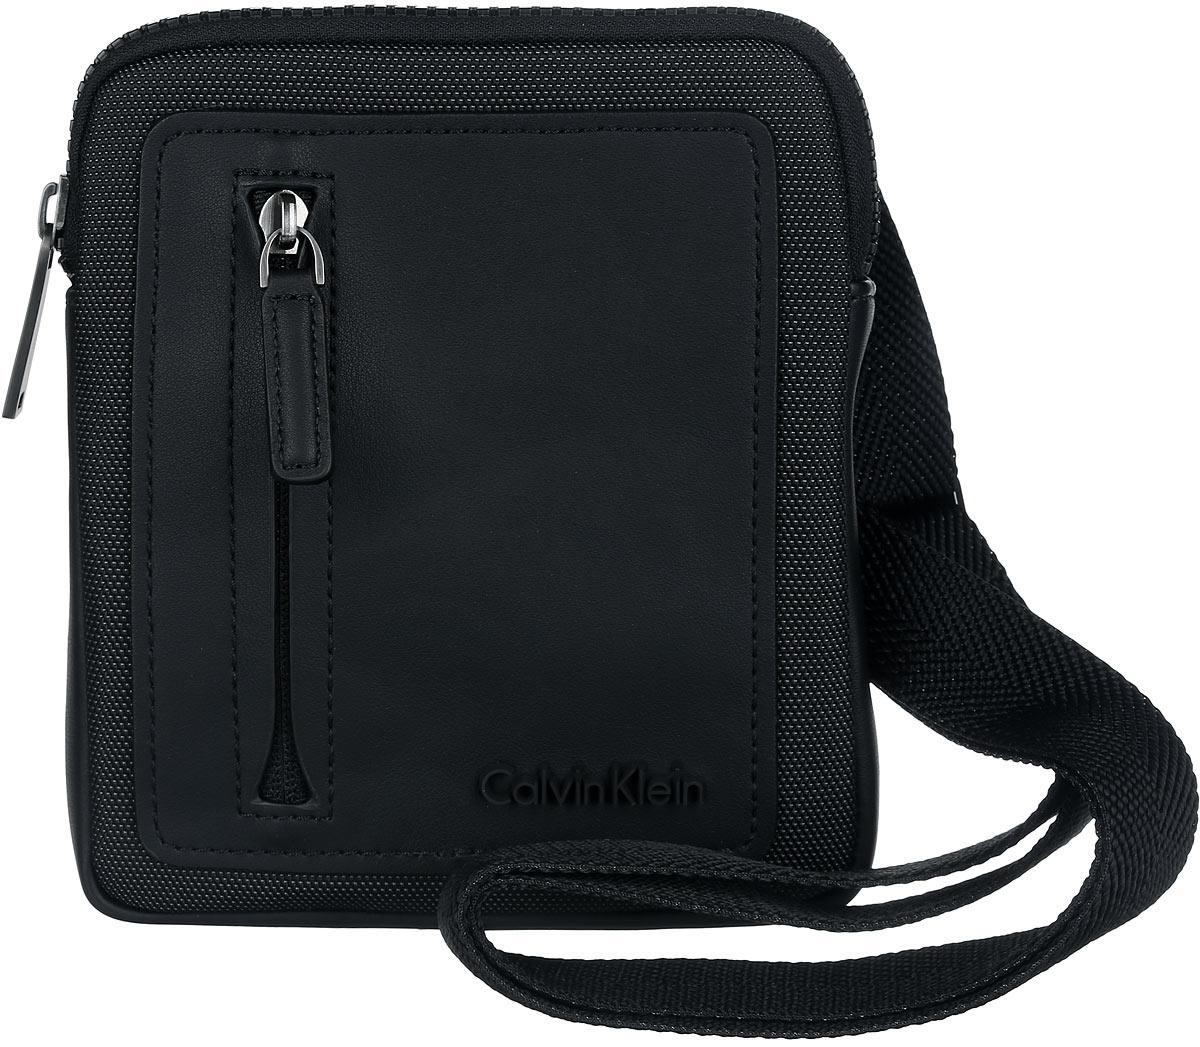 Сумка мужская Calvin Klein Jeans, цвет: черный. K50K501607_0010K50K501607_0010Стильная сумка Calvin Klein выполнена из полиуретана и текстиля, оформлена символикой бренда. Изделие содержит одно отделение, которое закрывается на застежку-молнию. Внутри сумки размещены накладной кармашек для мелочей и врезной карман на застежке-молнии. Сумка оснащена плечевым ремнем регулируемой длины. Лицевая сторона дополнена накладным карманом на молнии. В комплекте с изделием поставляется чехол для хранения. Модная сумка идеально подчеркнет ваш неповторимый стиль.